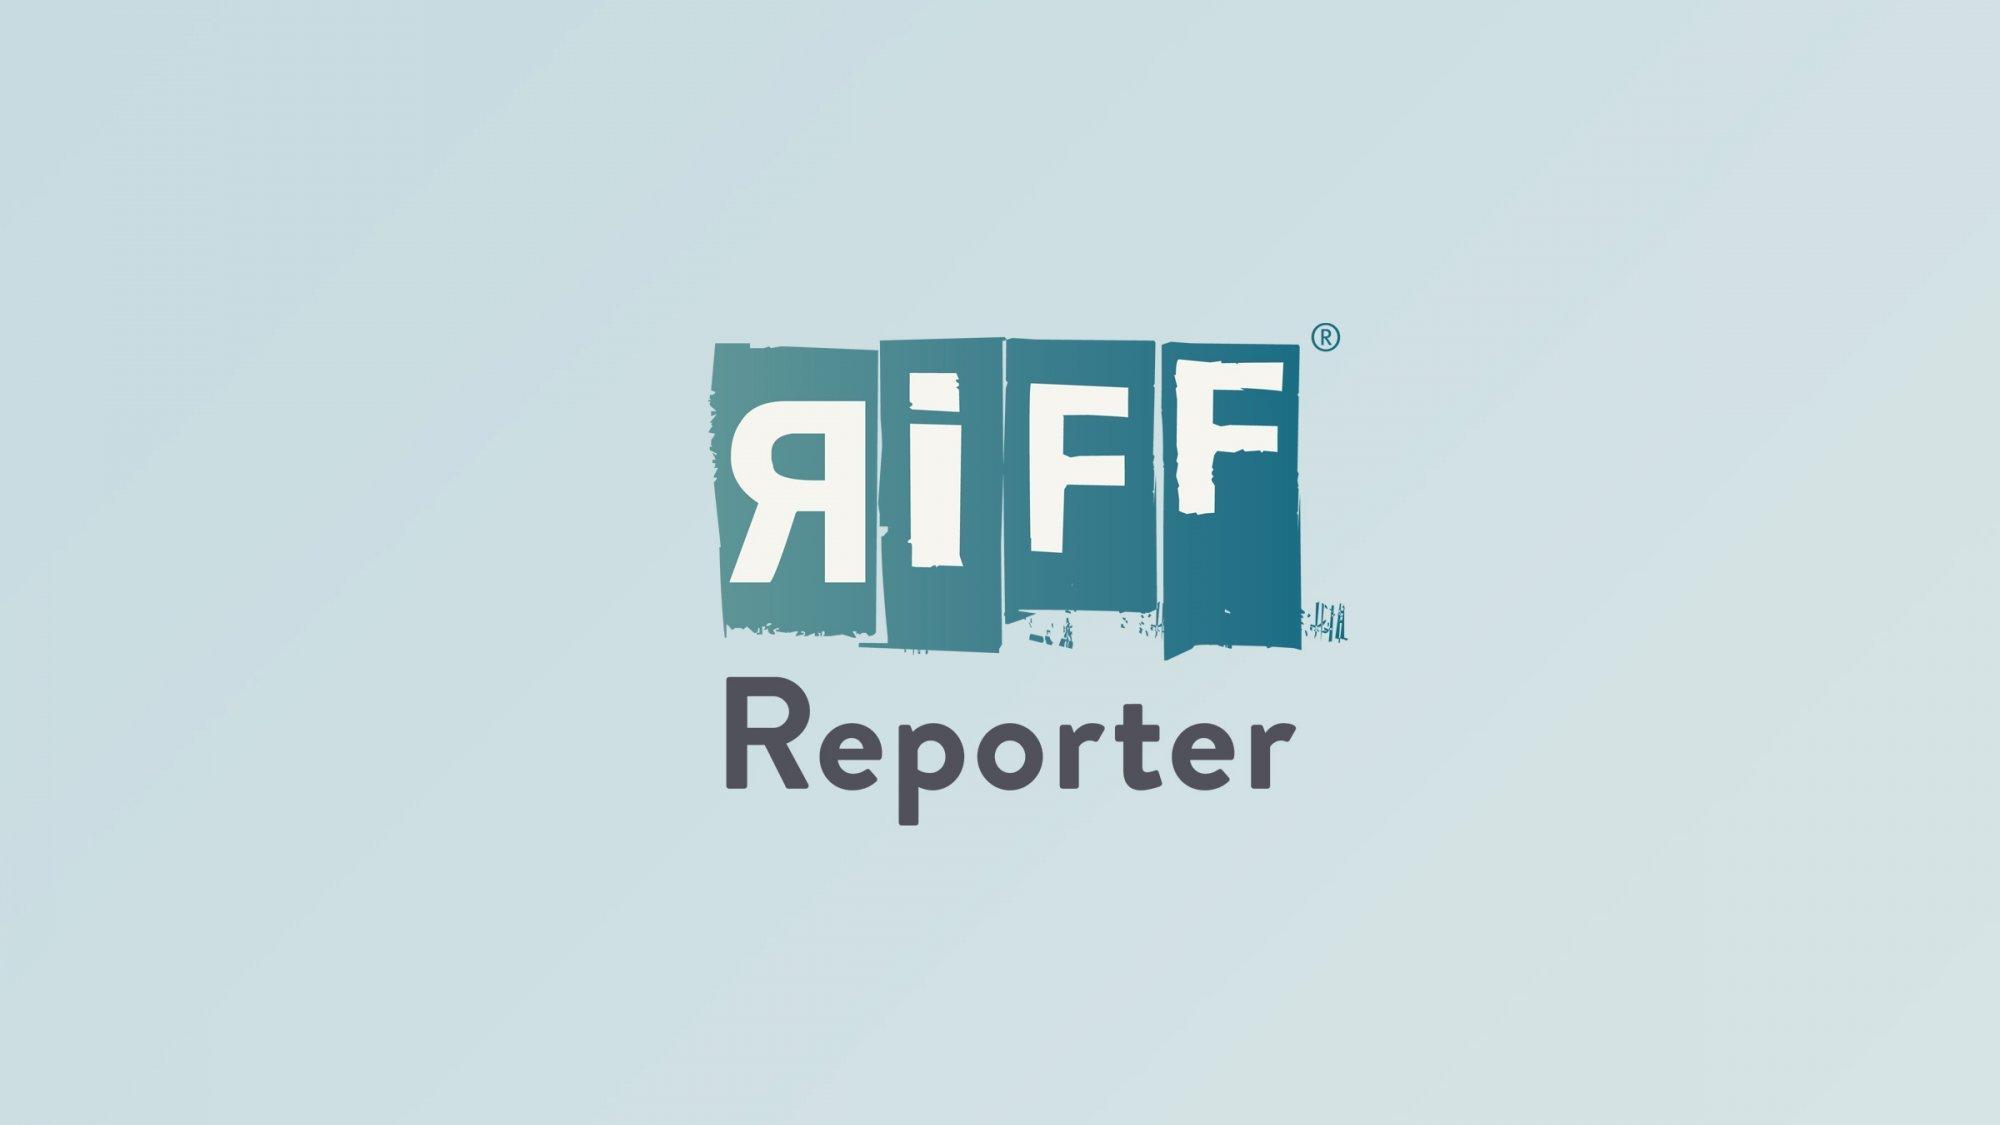 Symbolbild der Atmosphäre mit Wolken und Horizont, die Bildebene ist schief, die Farben wirken bedrohlich.